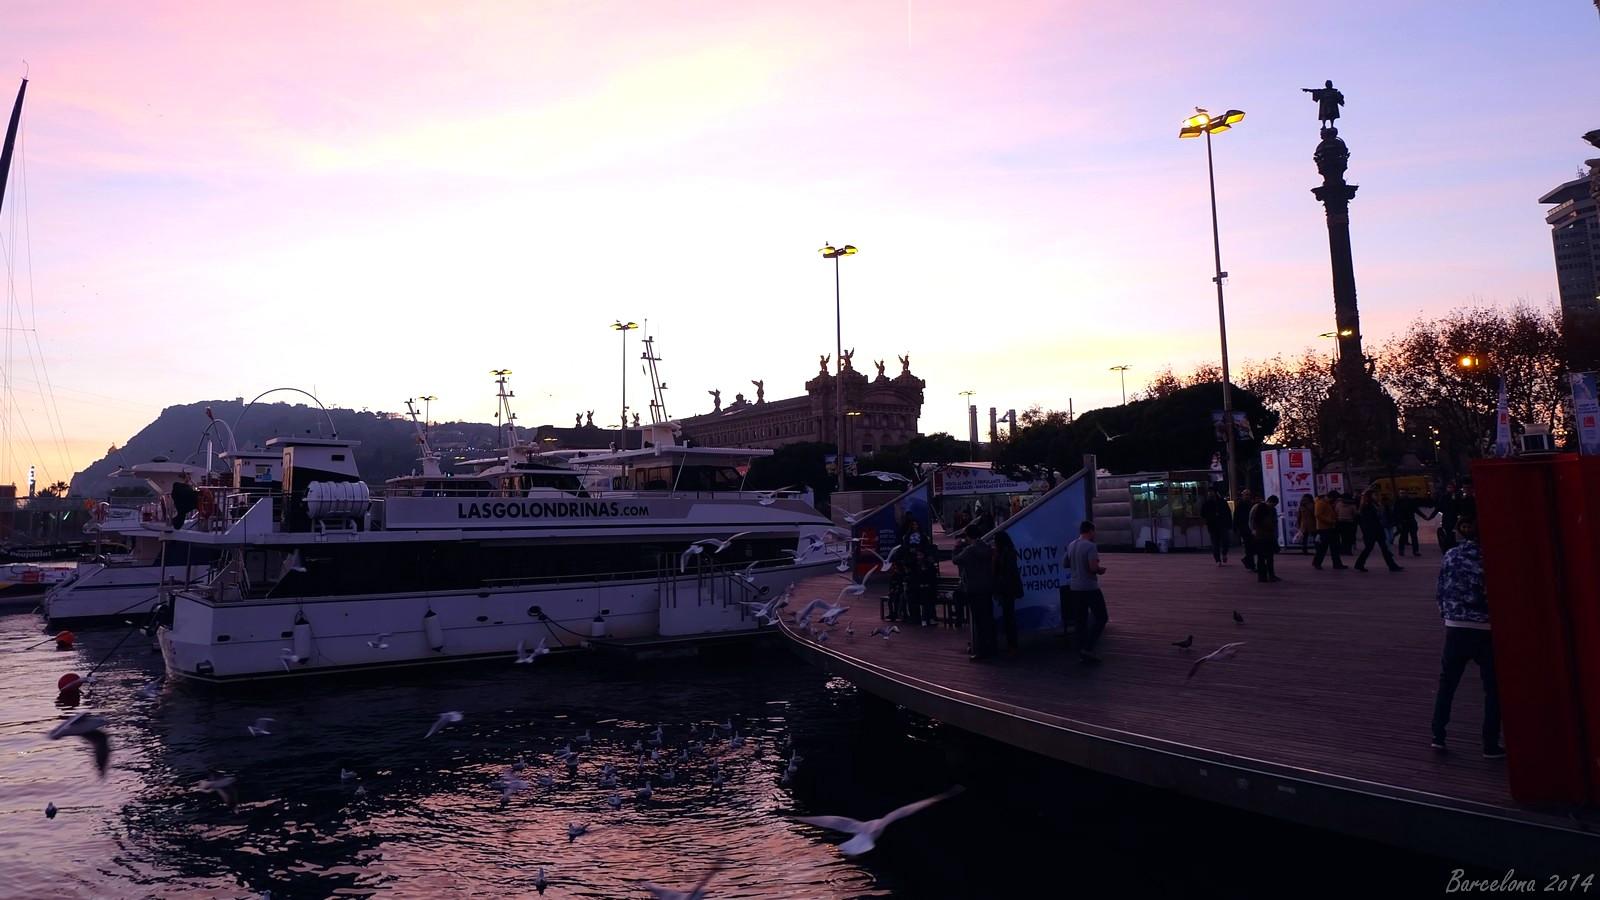 Barcelona day_1, Rambla de Mar